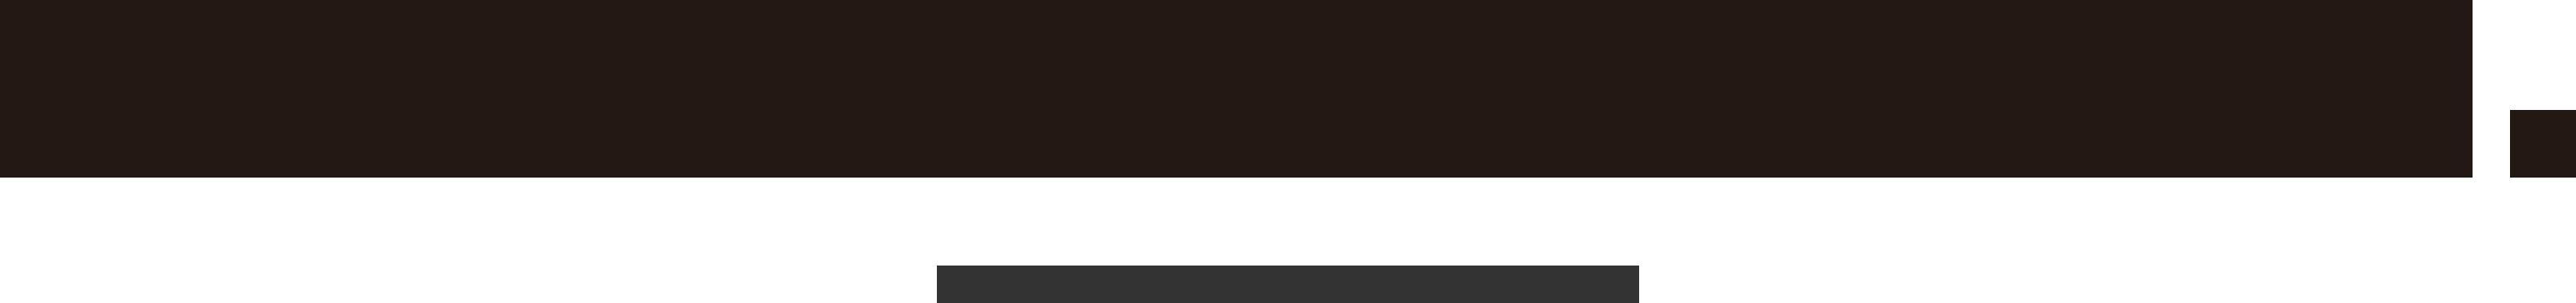 kurume kasuri textile